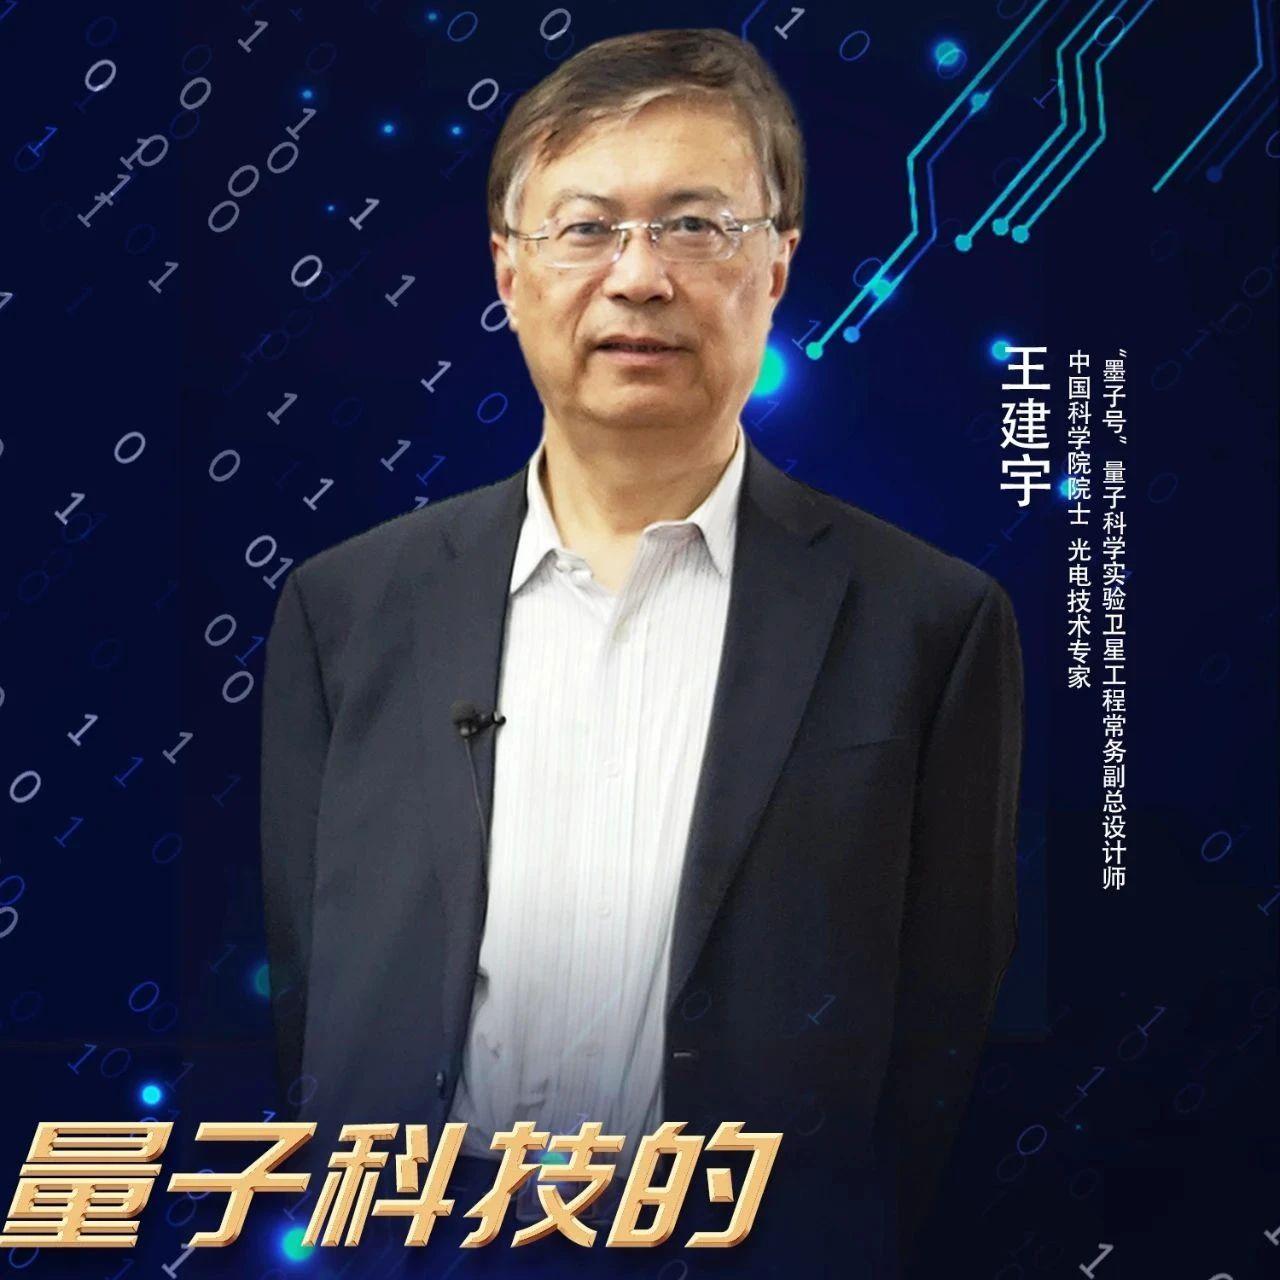 专访中国科学院院士王建宇:量子科技的现实和神话